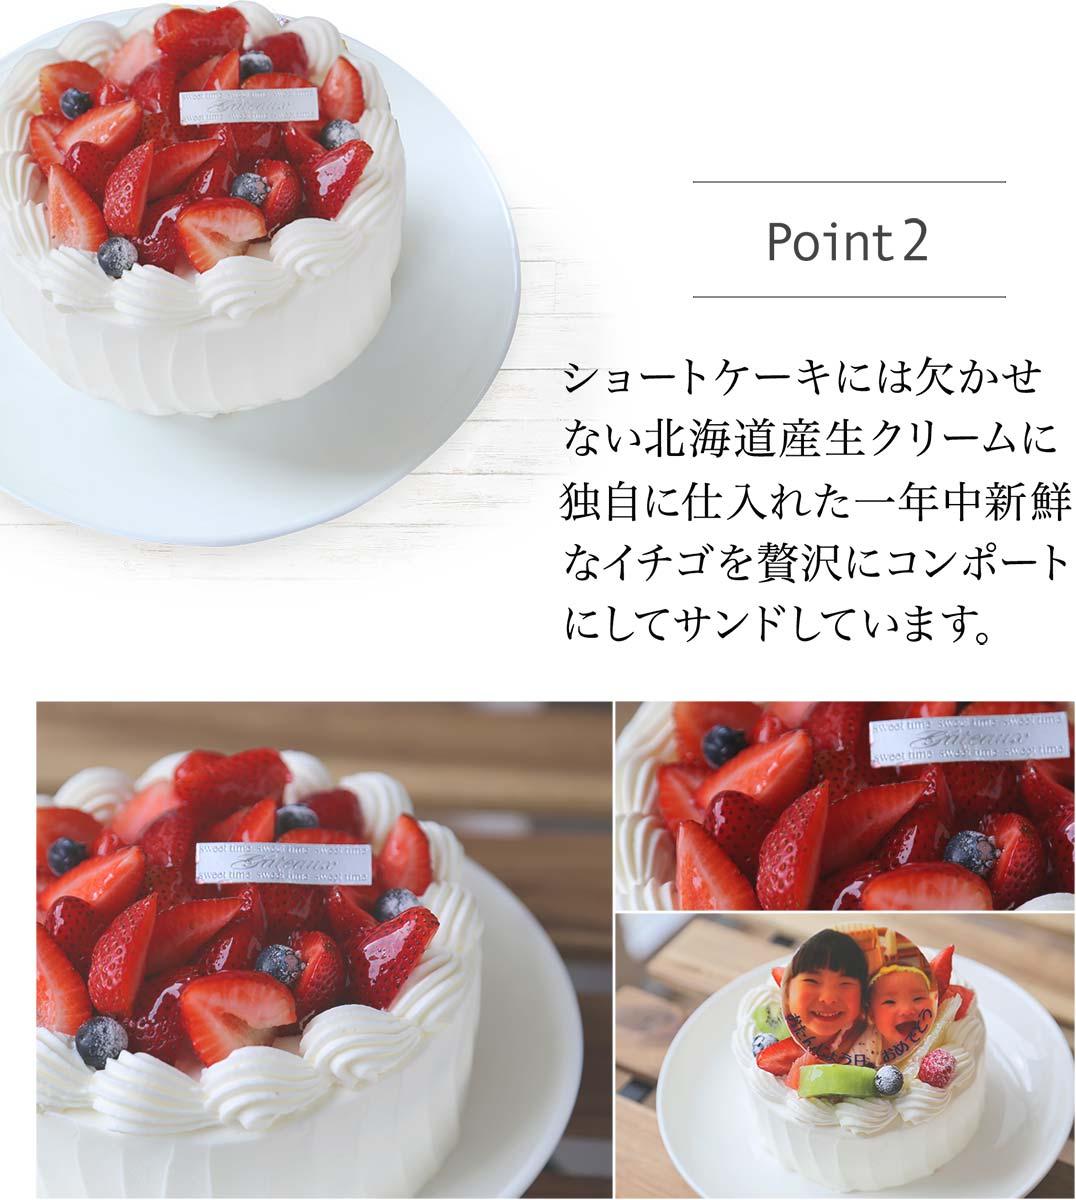 """【5~6人向け】人気のイチゴをたっぷり使用した""""イチゴいっぱいショート""""5号 誕生日 卒業 卒園 入学 合格 スイーツ ショートケーキ 母の日 ギフト"""